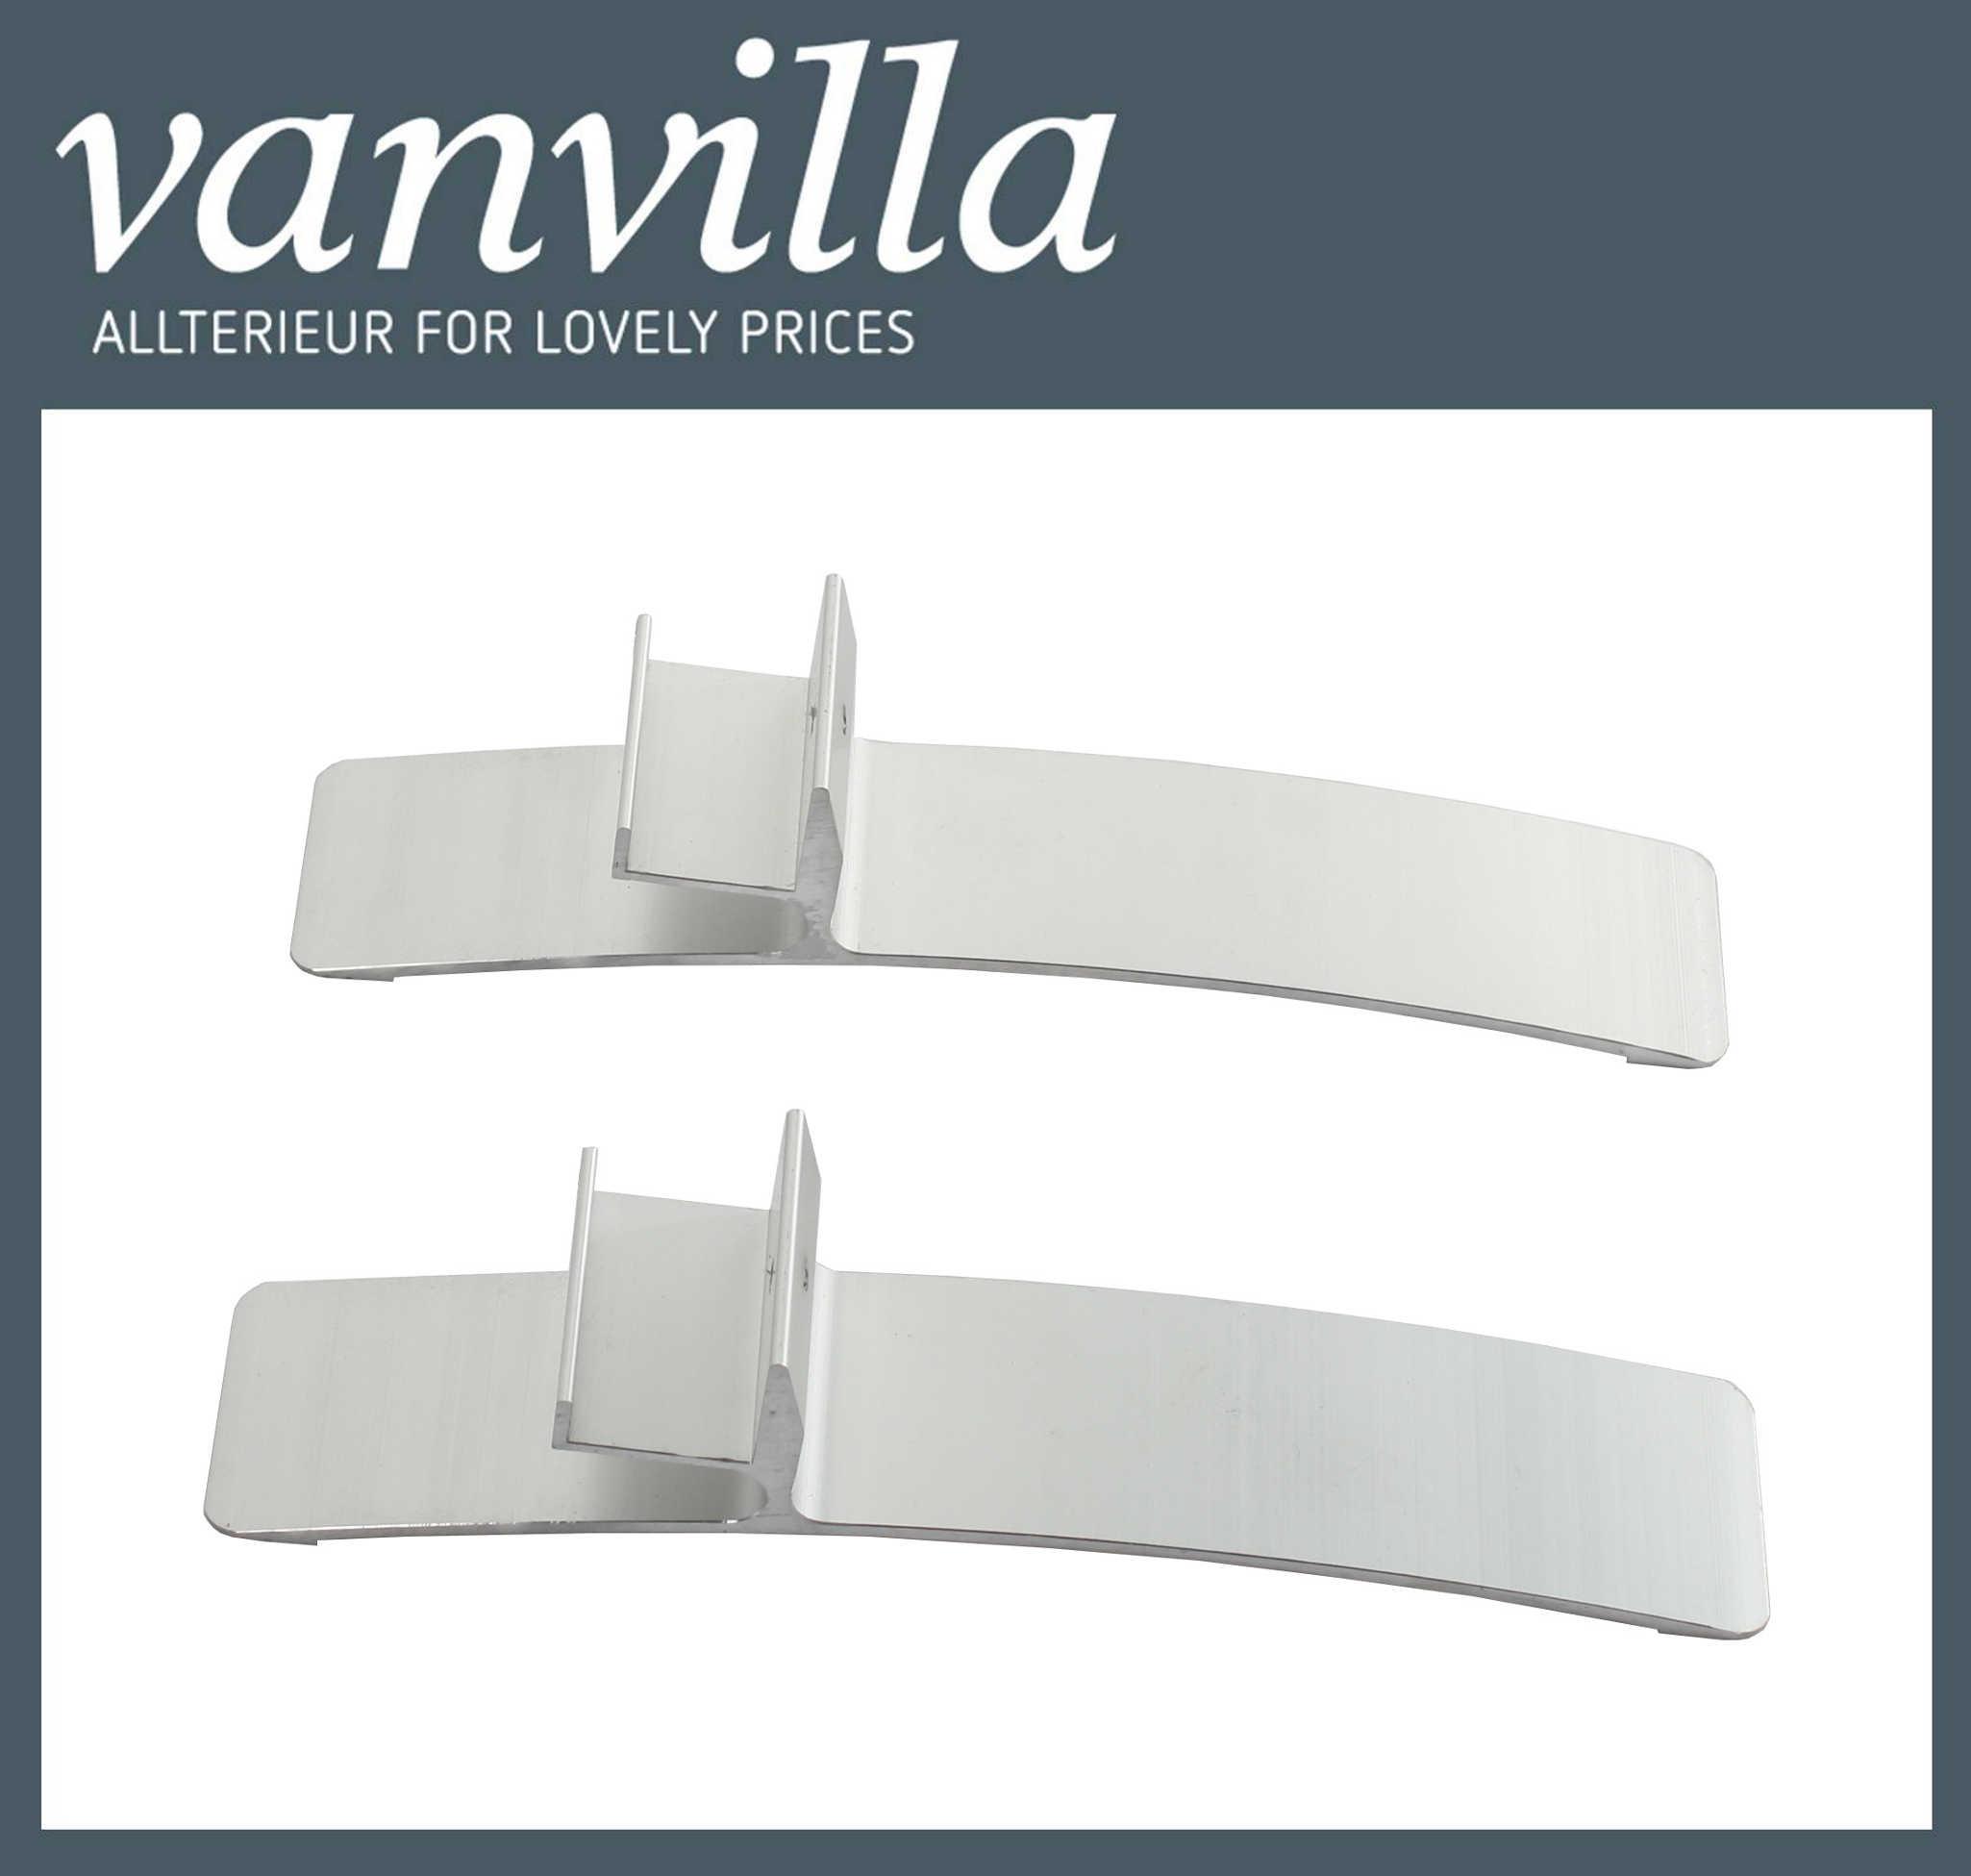 vanvilla Standfüße für Heizpaneel 2 Stk Infrarotpaneel Infrarot-Ständer Standfuß